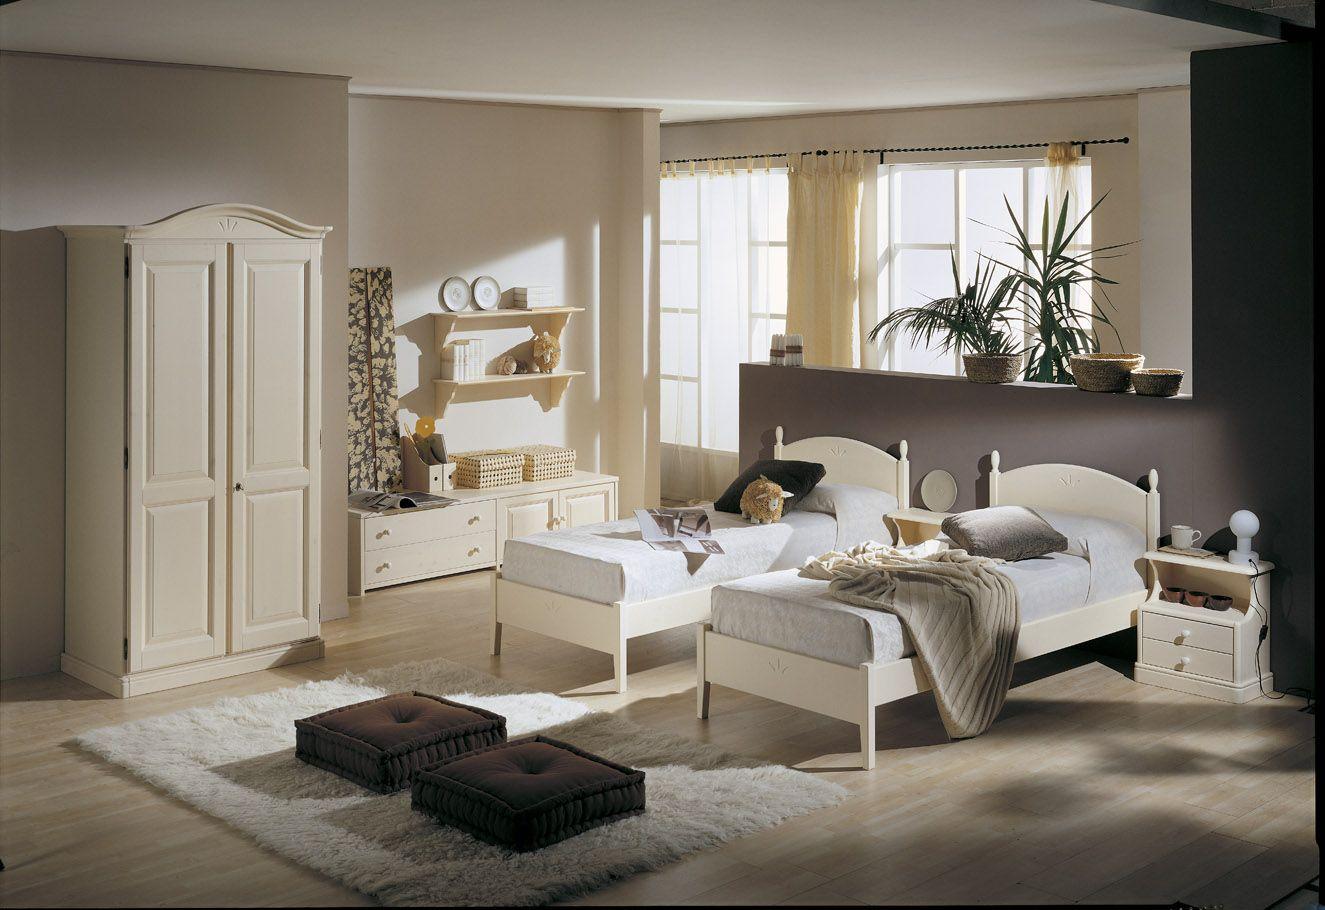 Arredamento Armadio 2 Ante Massello Rustico Cameretta Rosa Personalizzabile Quality First Casa, Arredamento E Bricolage